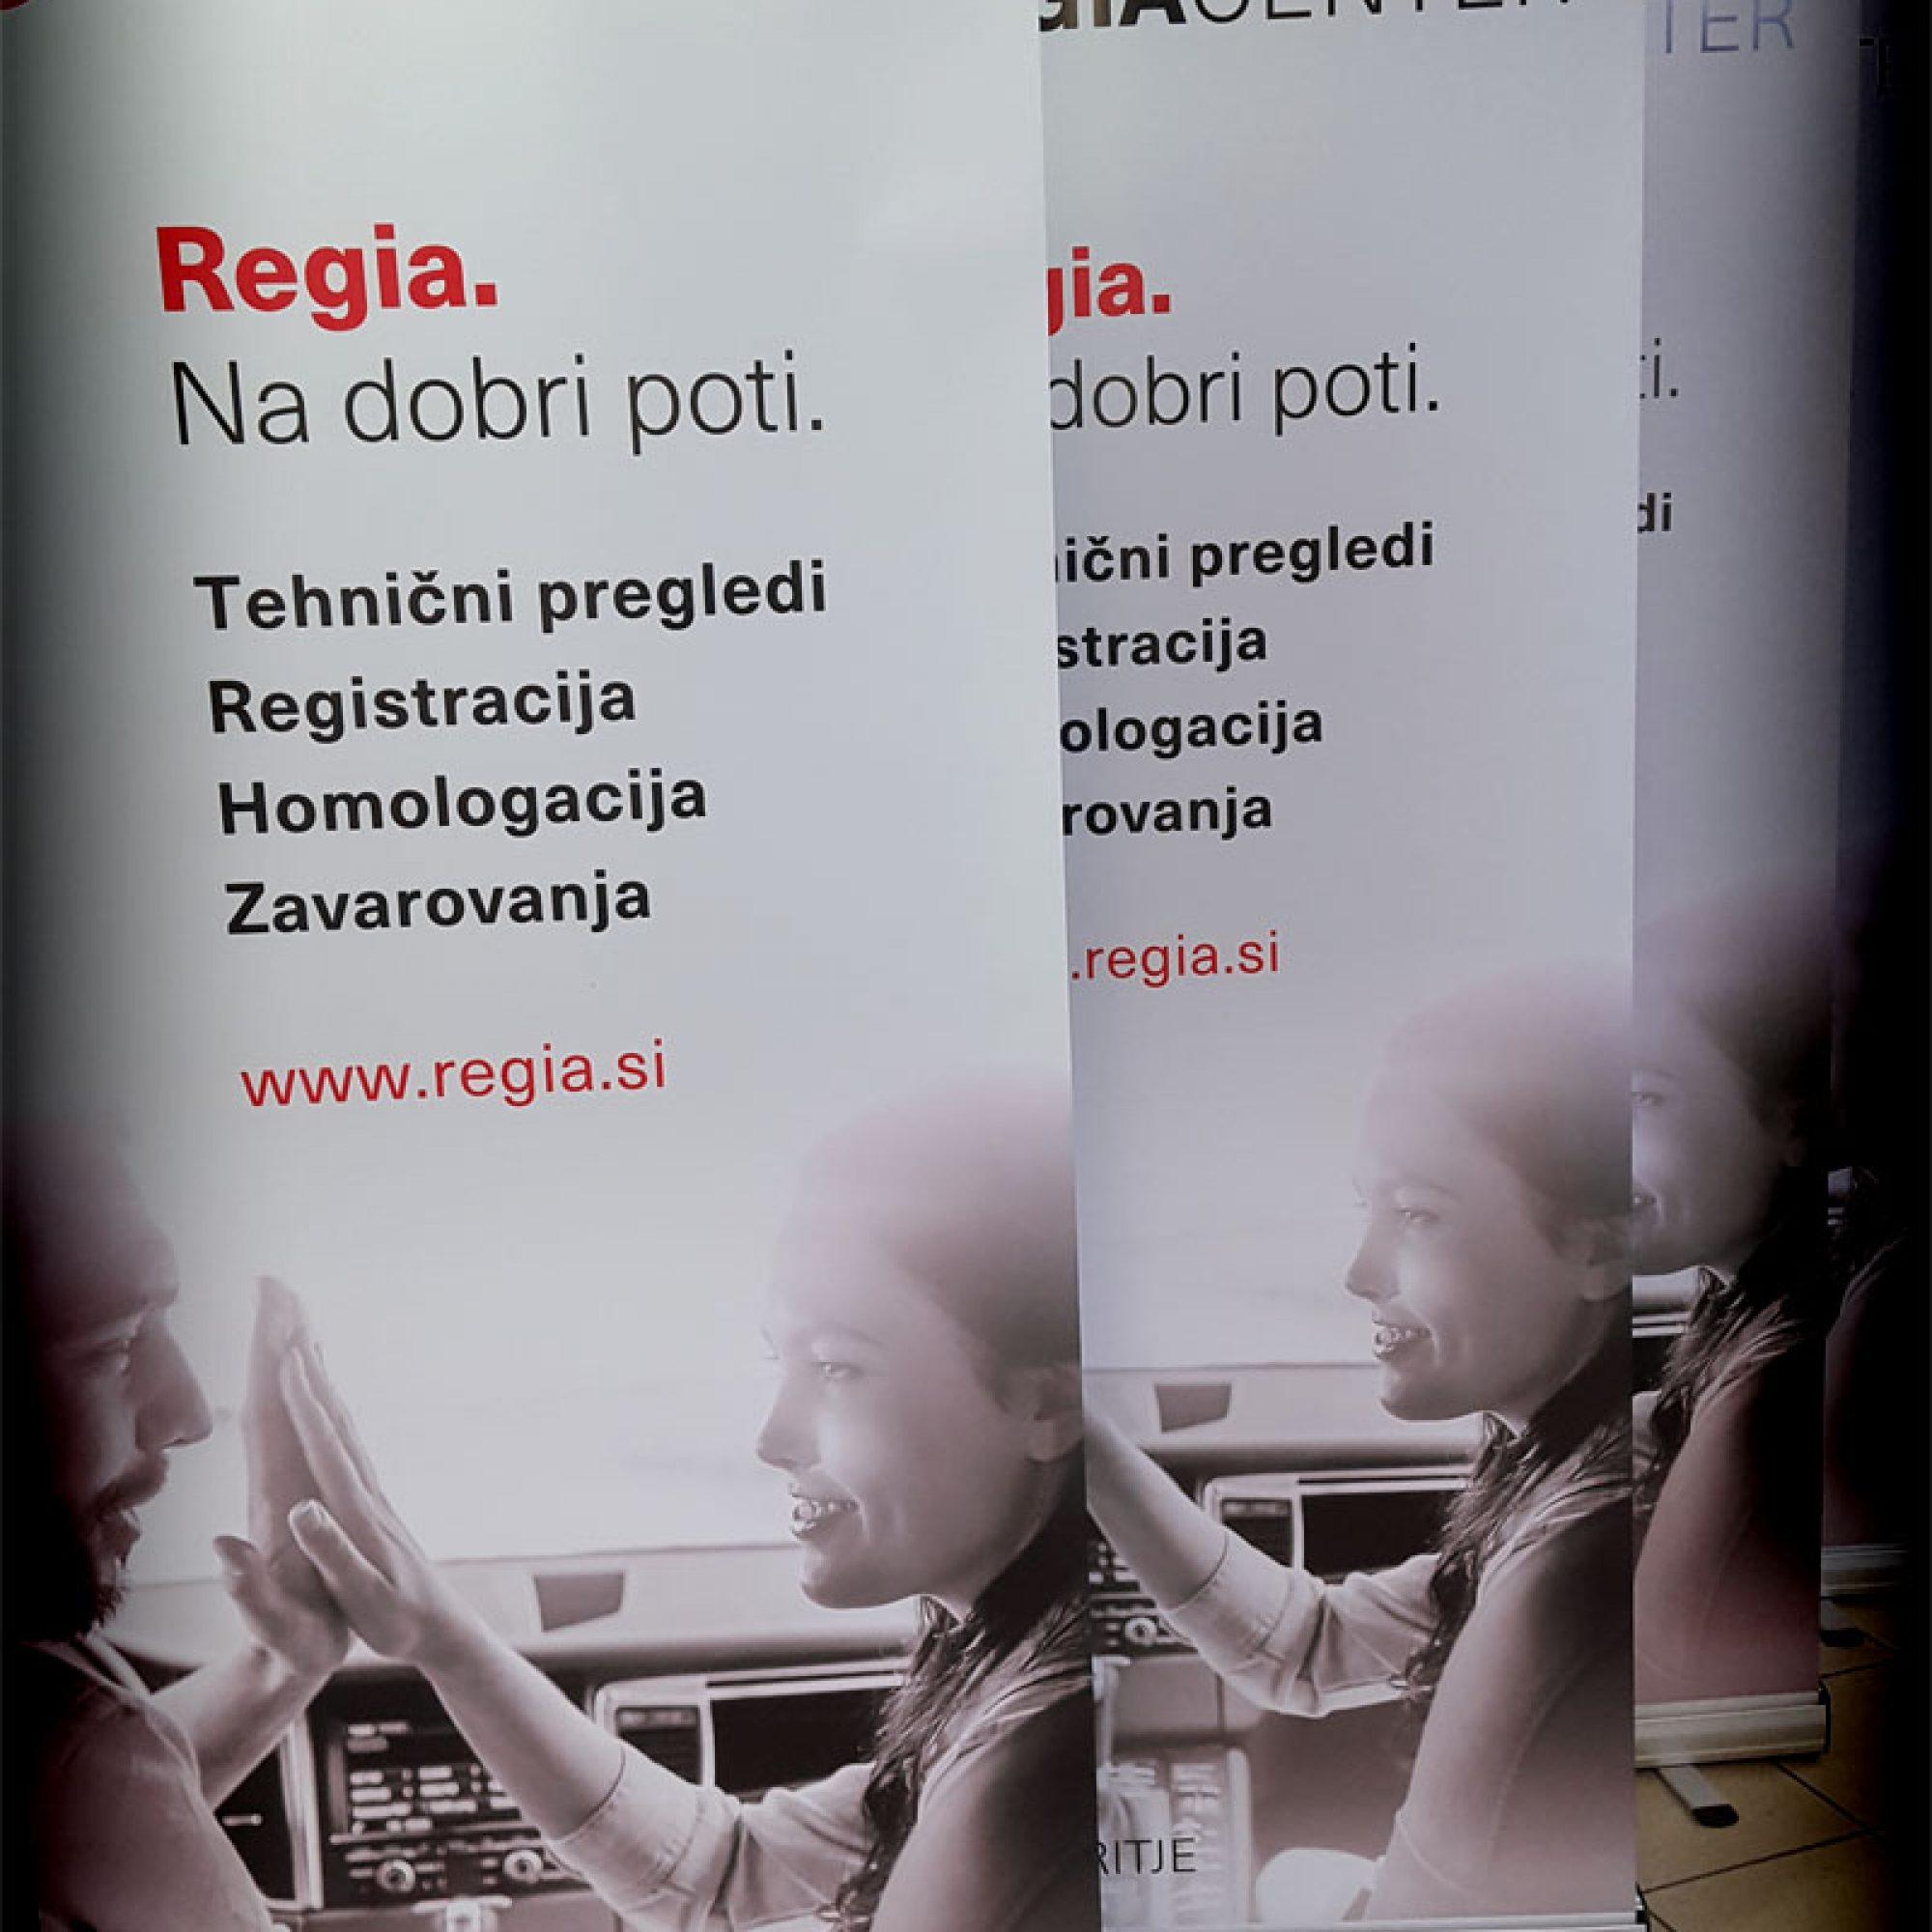 Rollup pano Regia